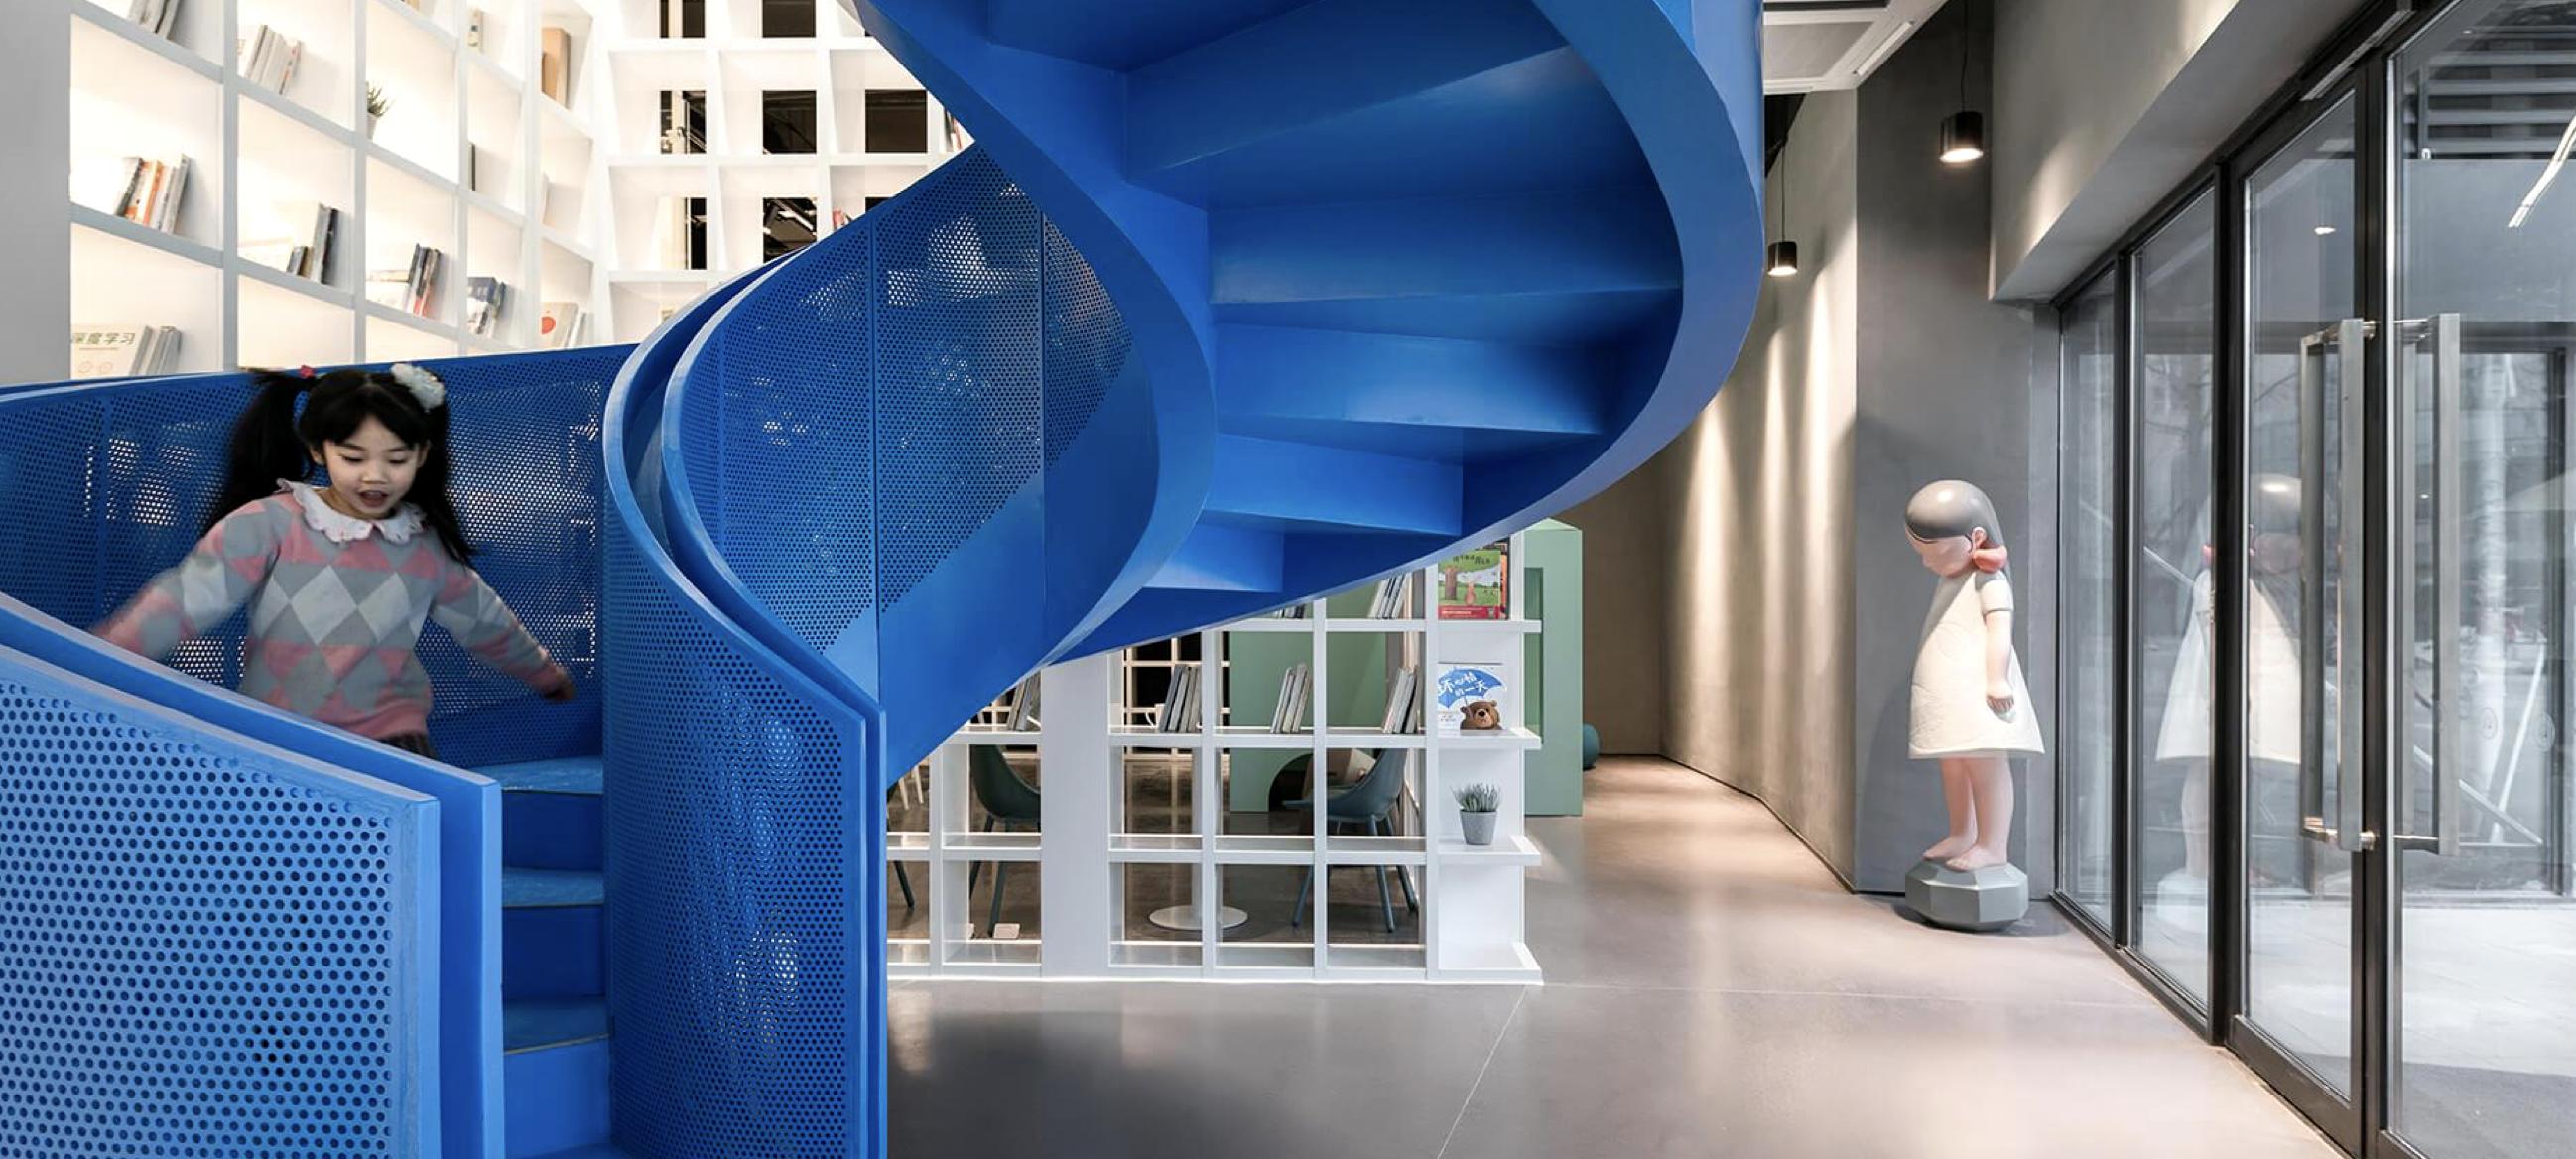 Architettura e Socialità: uno spunto per progettare attività, spazi ed eventi